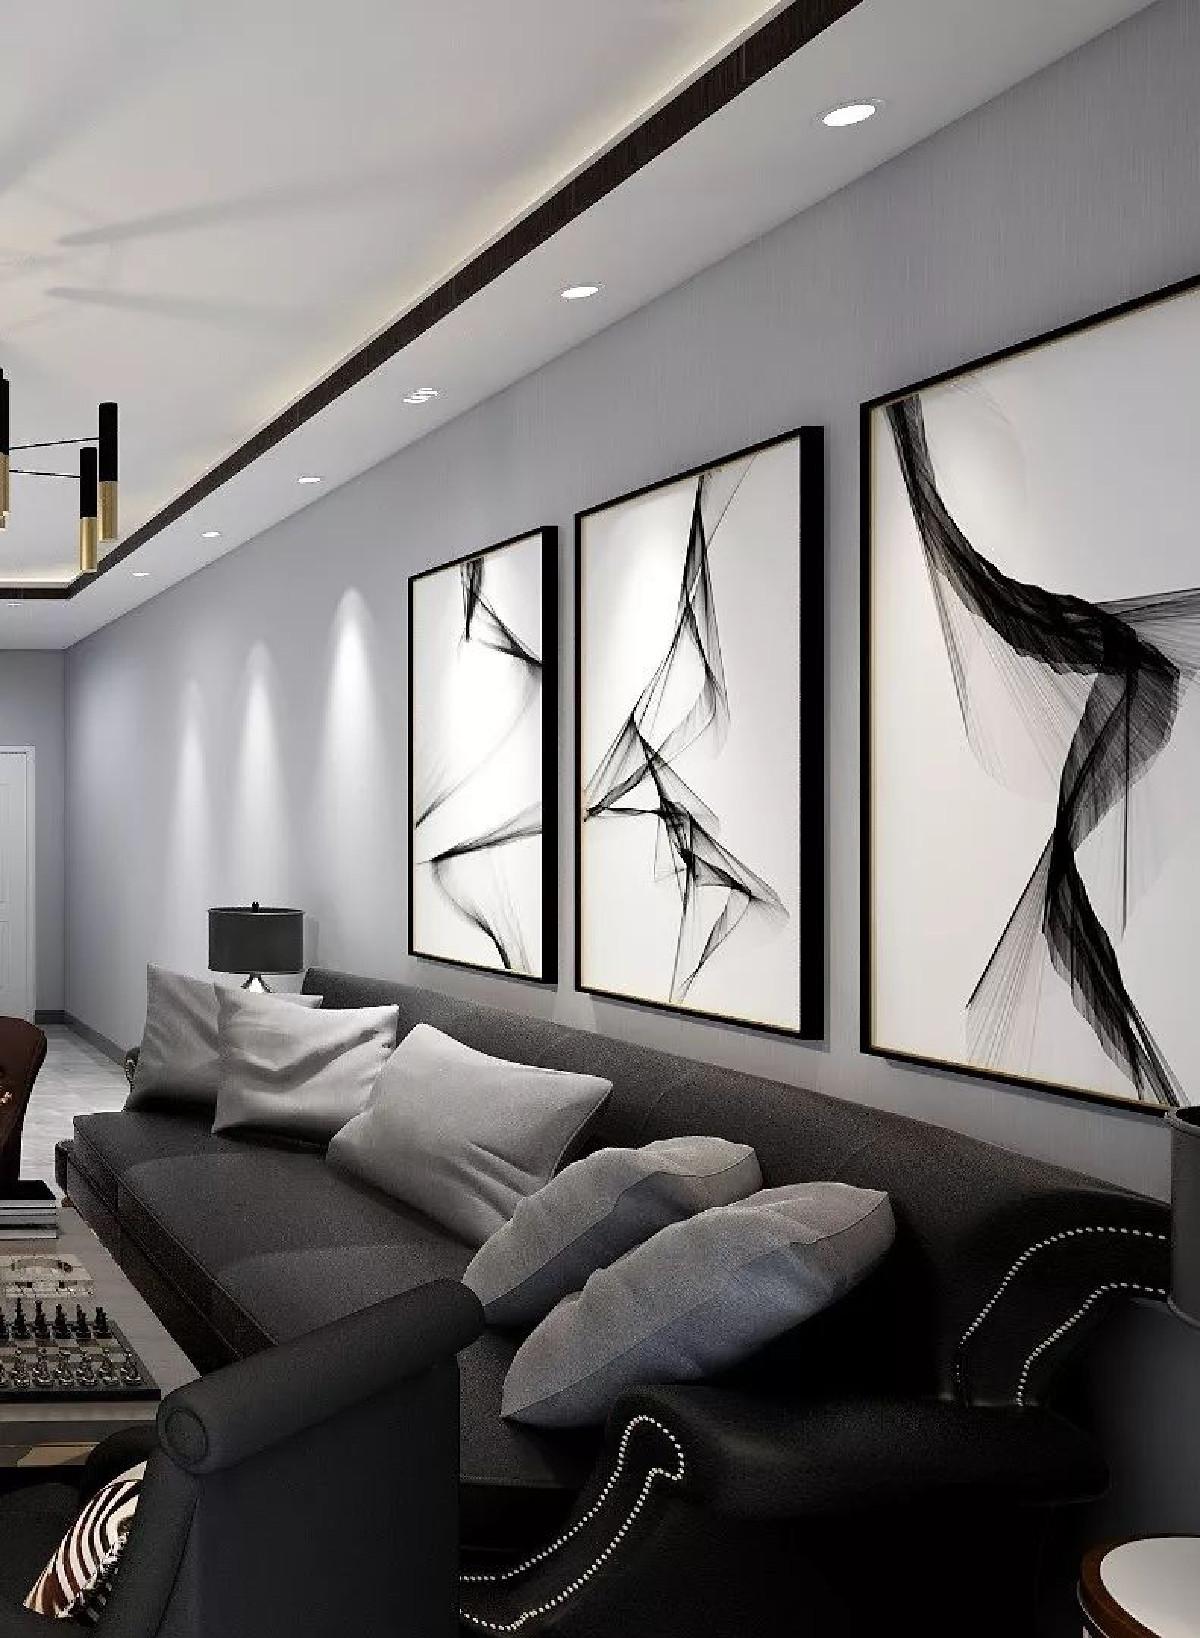 简洁大气的沙发,与空间相互搭配的主灯,黑白相间的规整电视柜,很有艺术性的斑马格纹地毯,再加上灵动艺术感突出的软装设计,让整个生活空间洋溢着生活+艺术的交融气息。